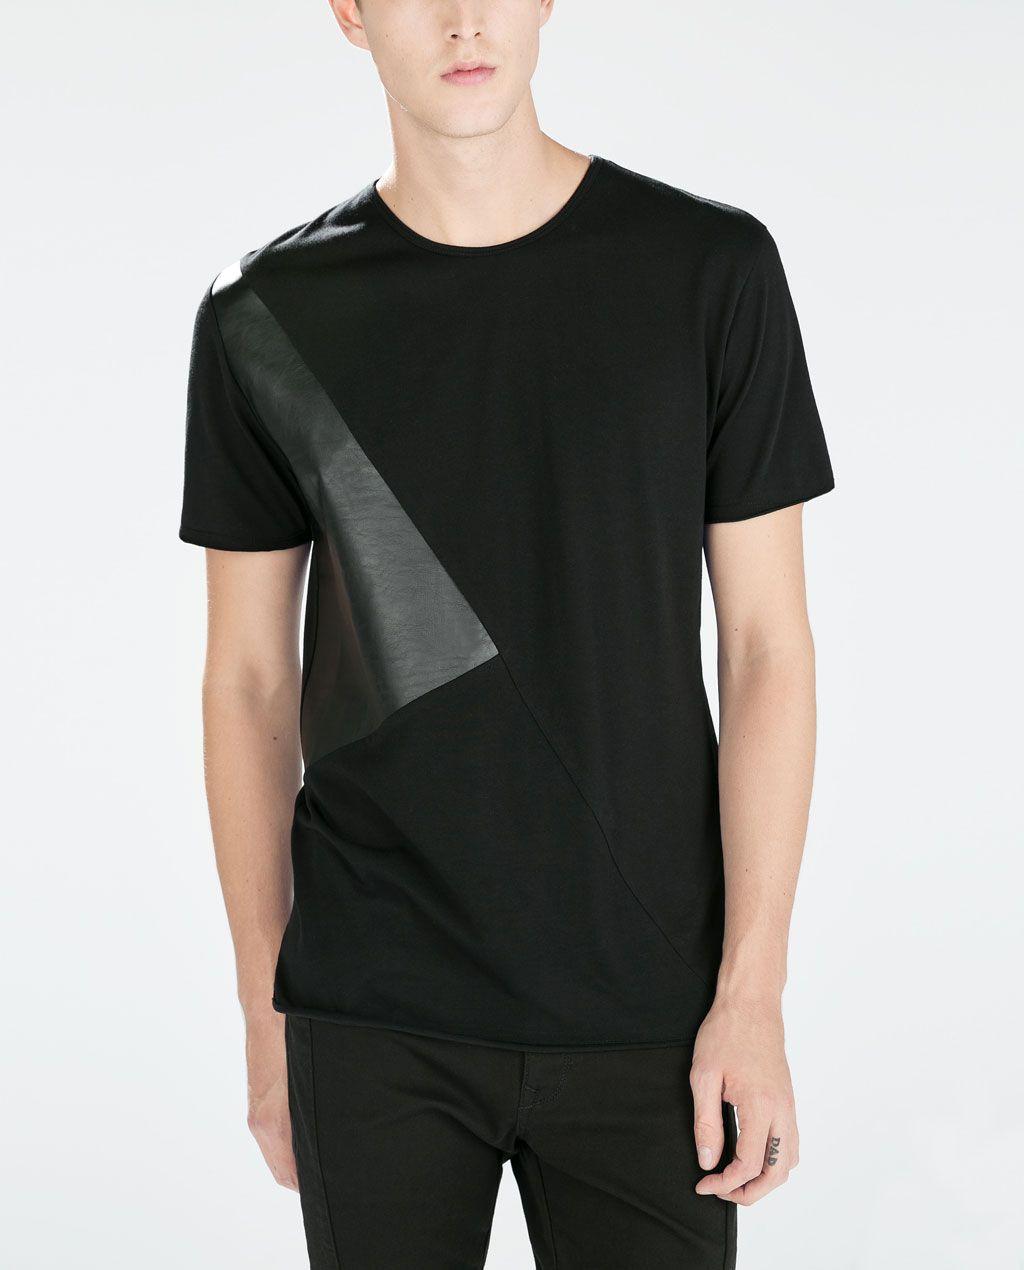 2bc840c8e Zara Mens Black And White T Shirt